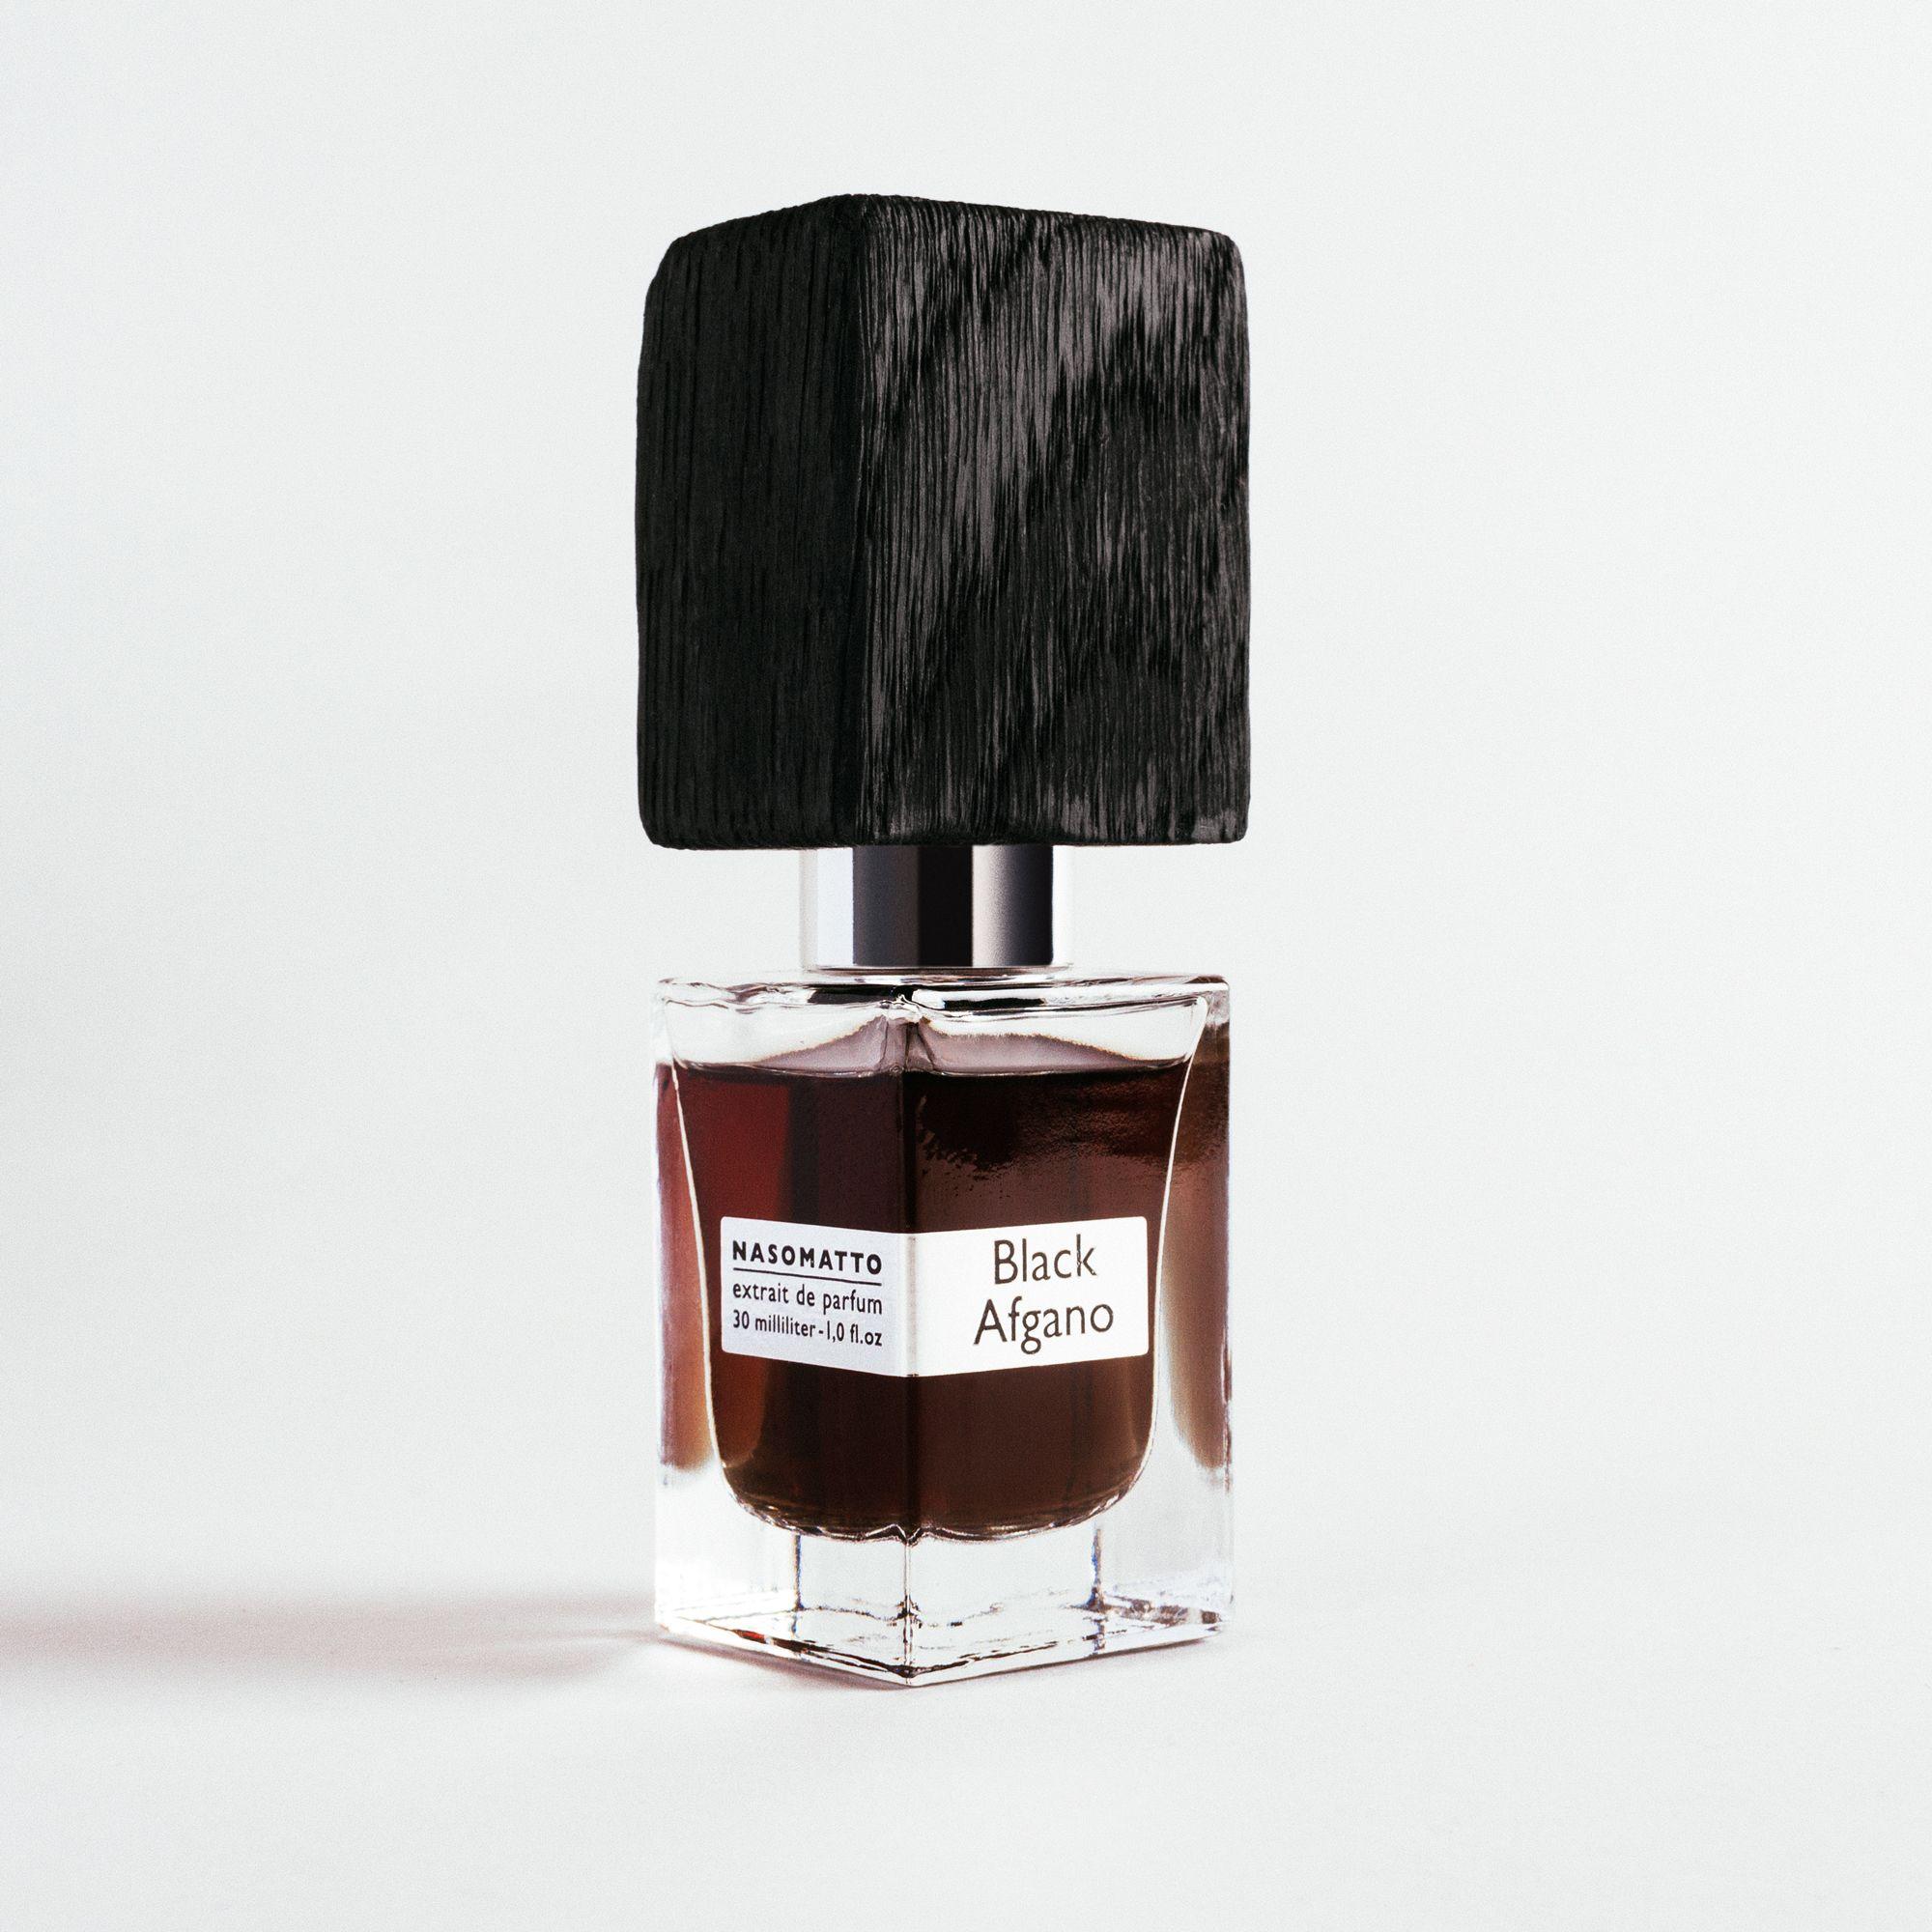 Black Afgano парфюм отзывы мужской